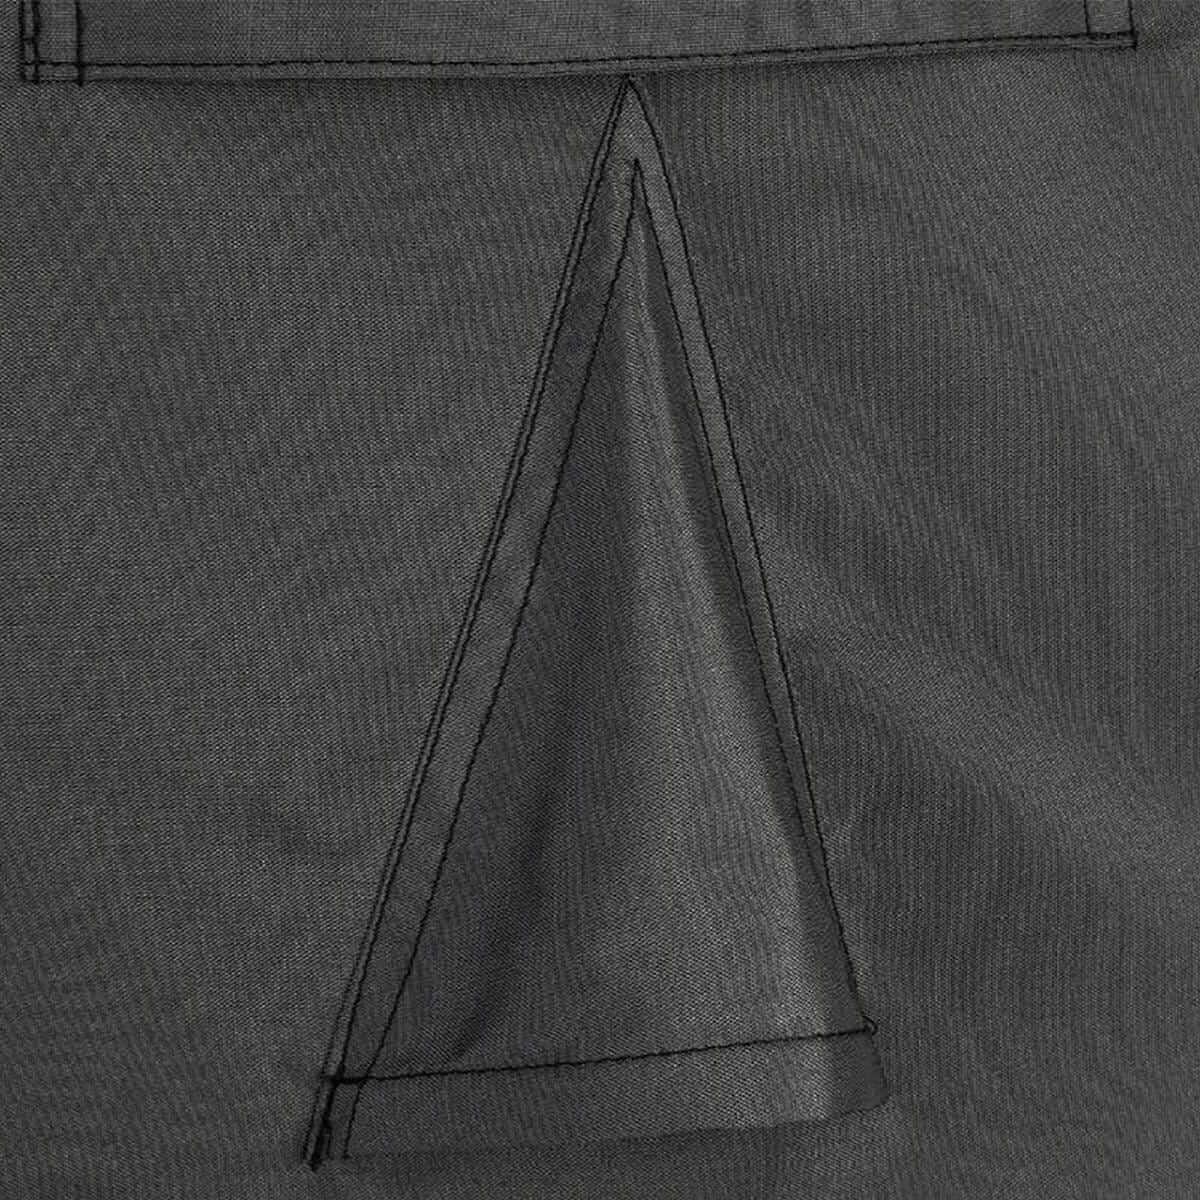 כיסוי לשמשיה רגל צד הכולל מקל הלבשה - תמונה 5